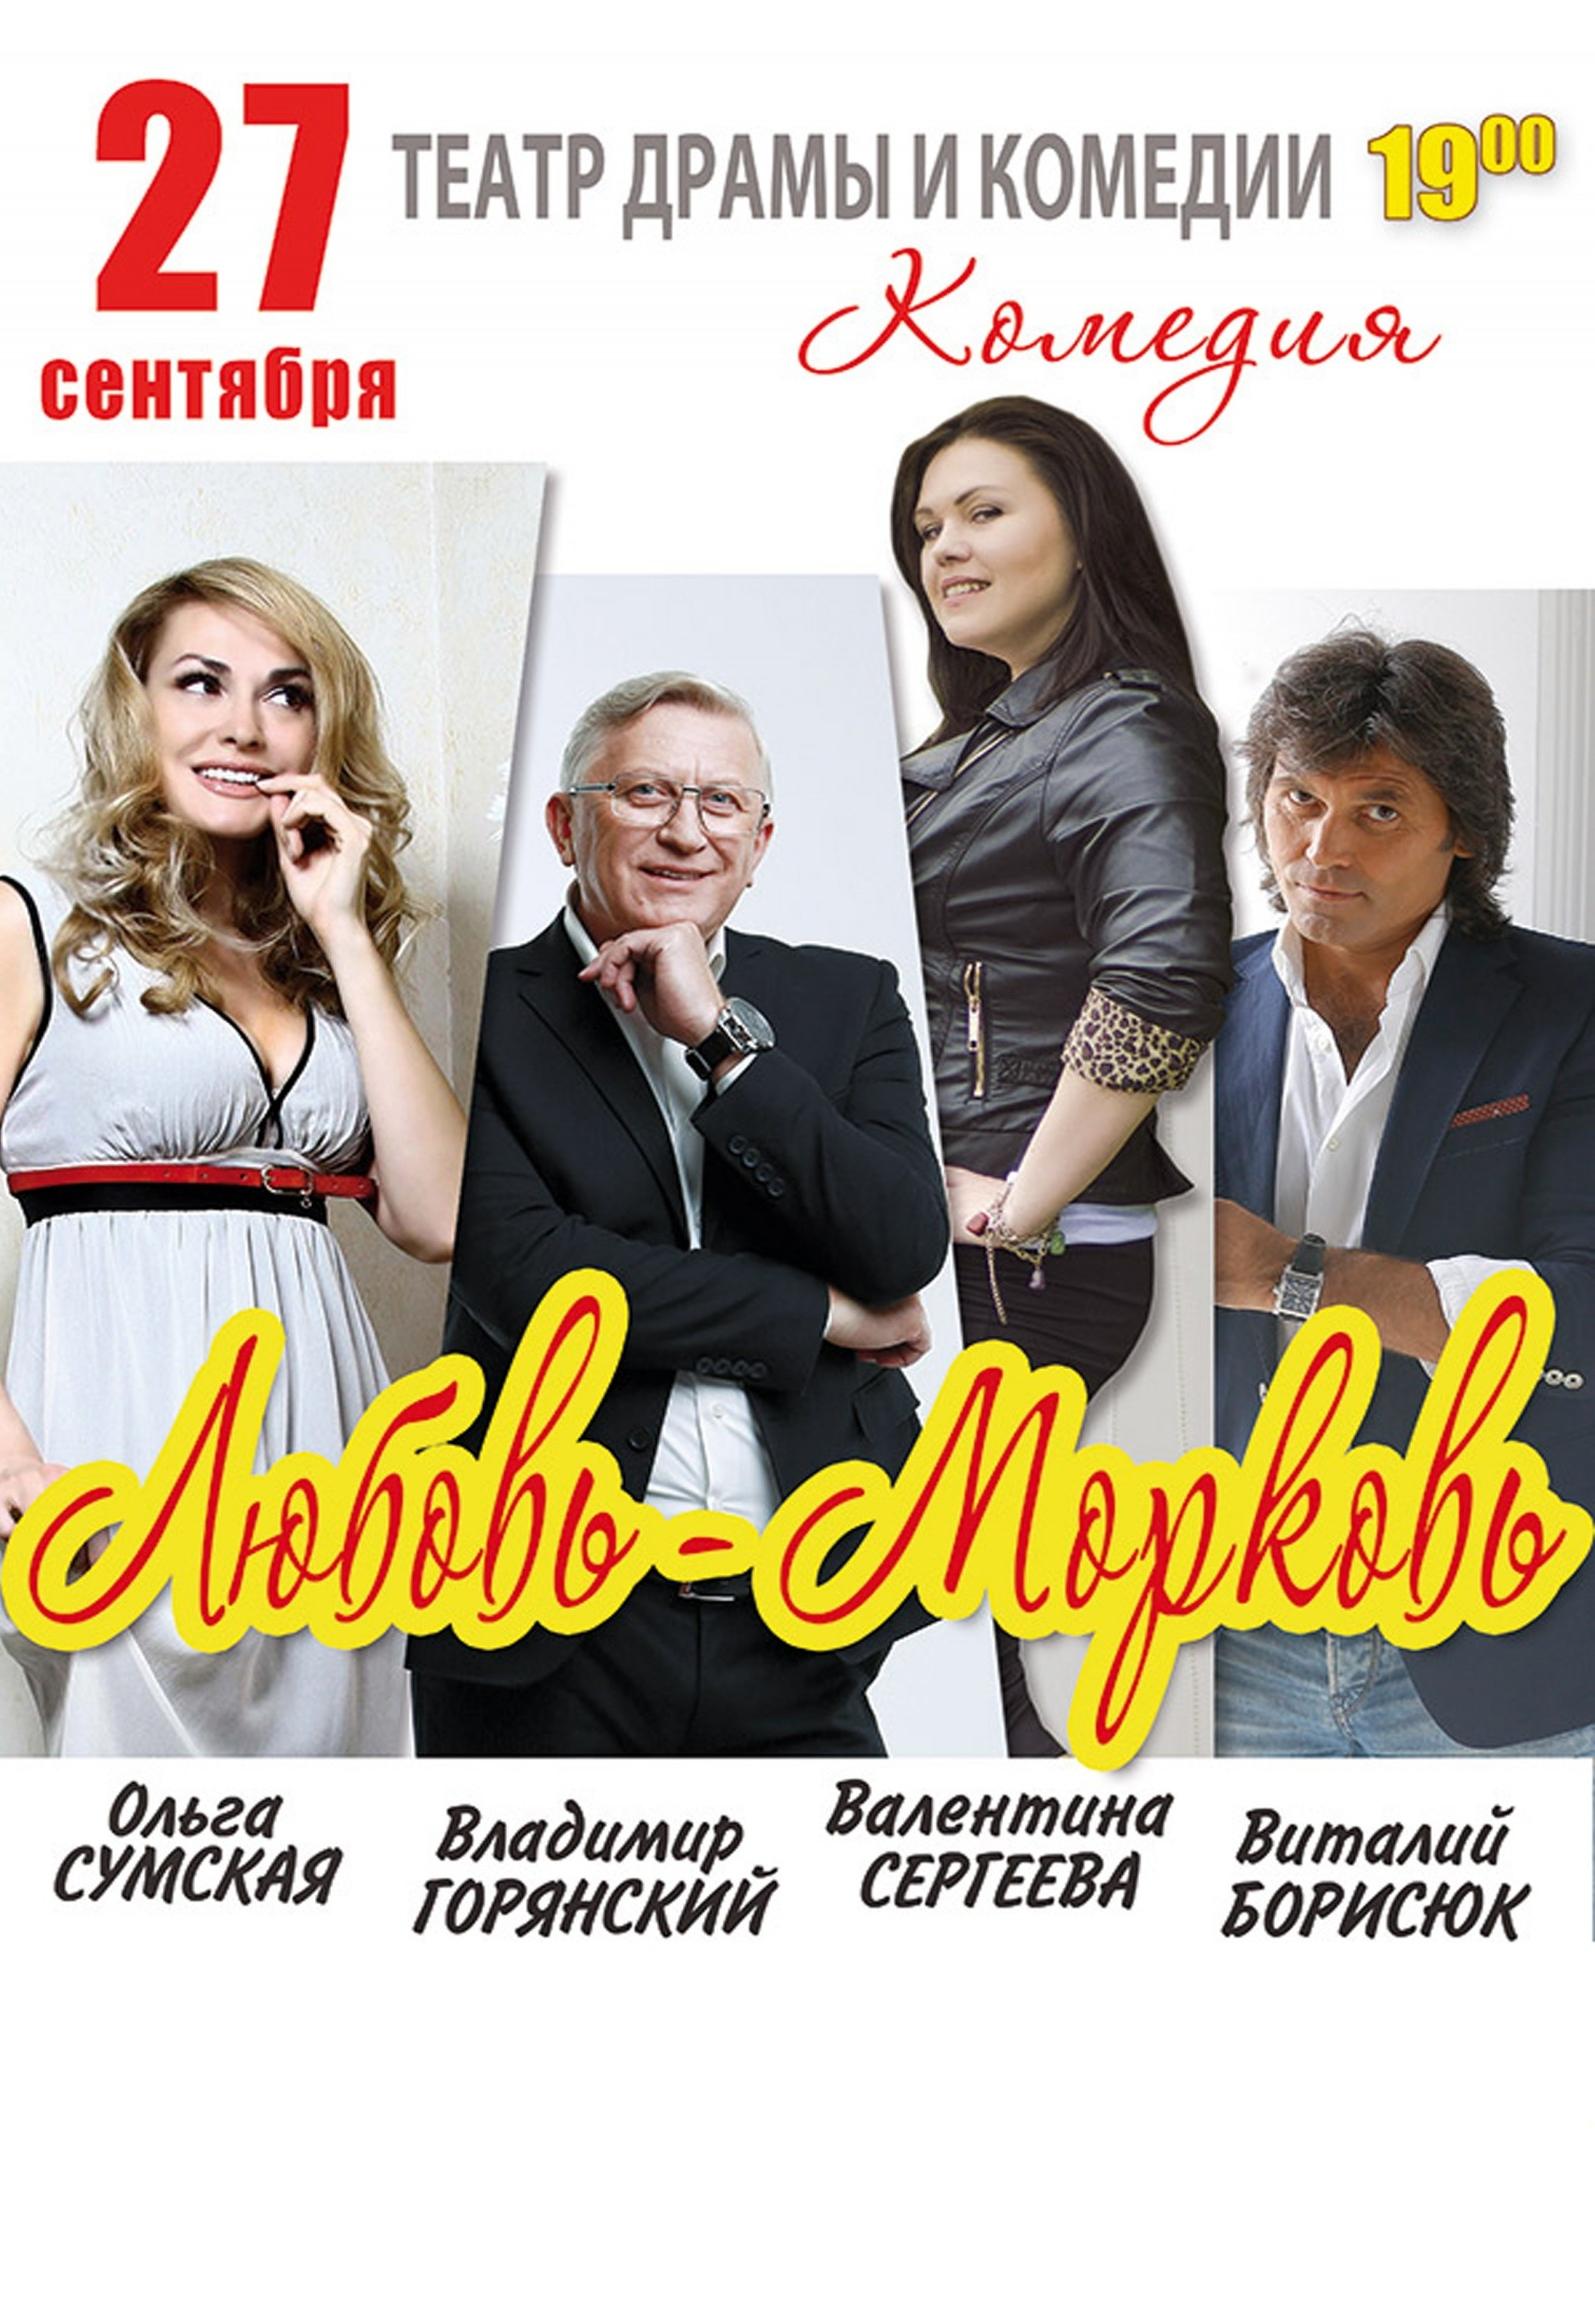 Театр комедии заказать билеты заказ билетов в театр по телефону